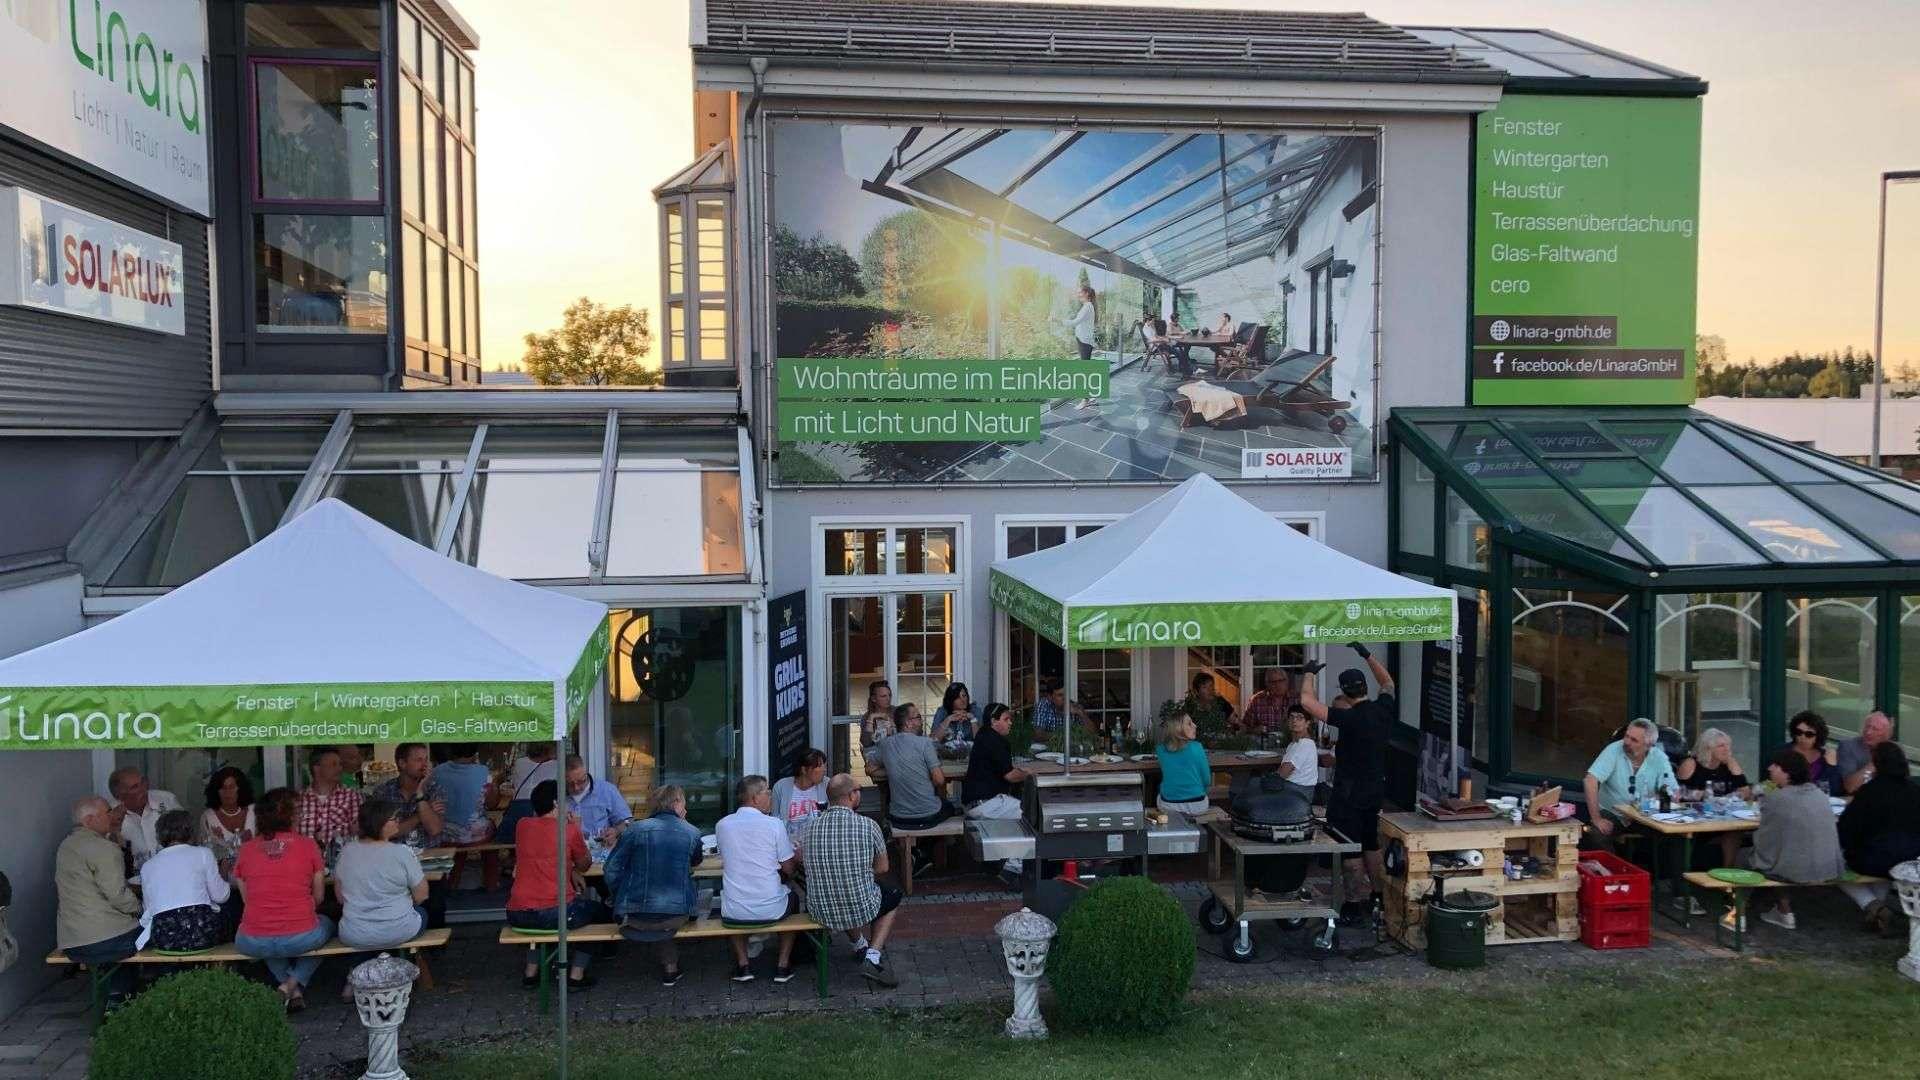 Grillabend für Weiterempfehler in der Außenausstellung von Linara in Kaufbeuren